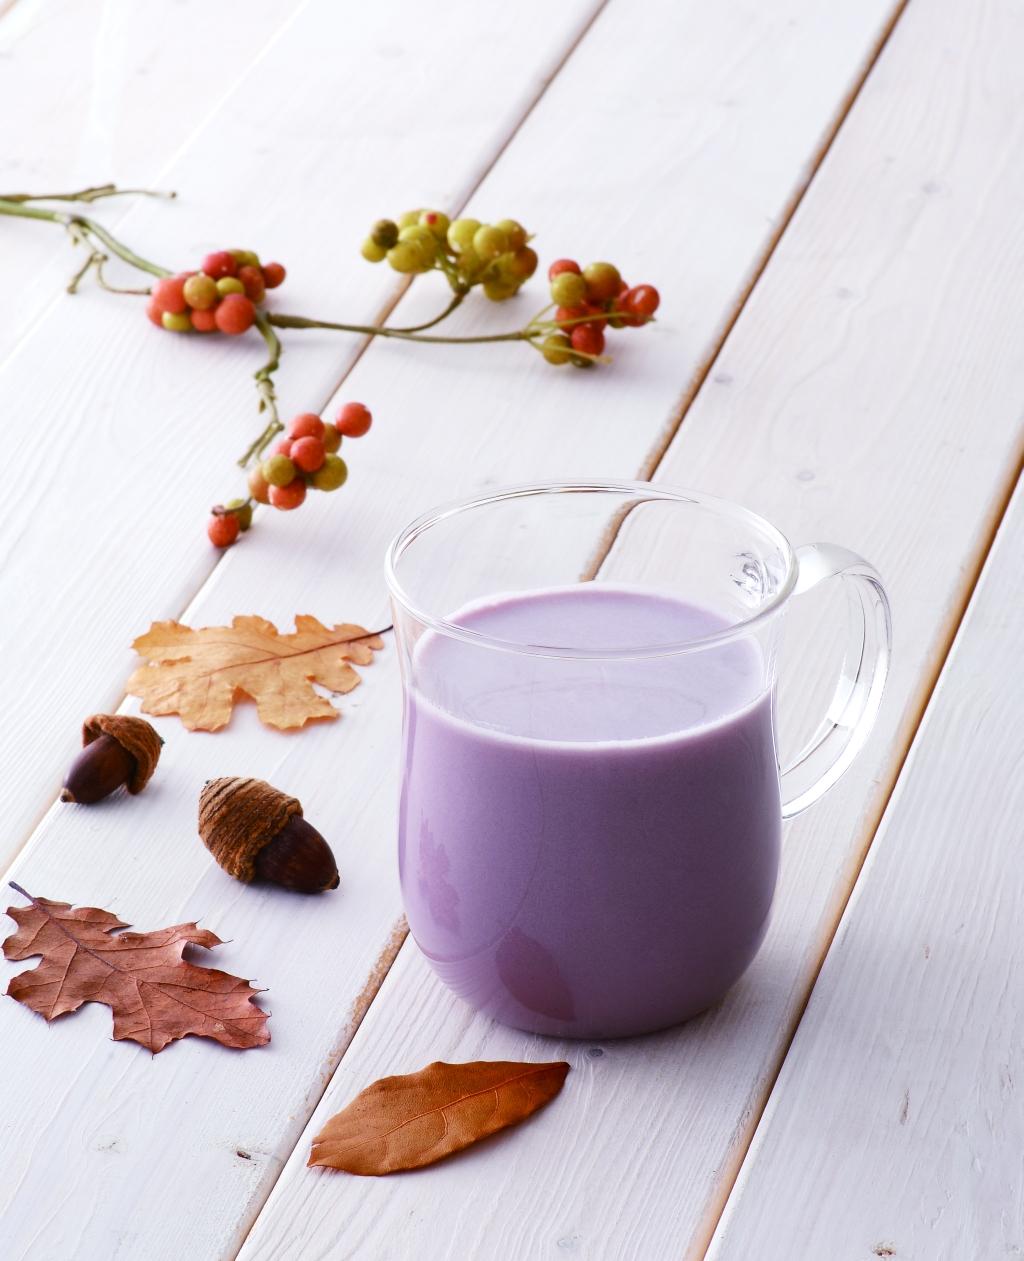 食事置き換え型ダイエット食品「スリムパック 」 ドリンクタイプに秋の限定新味「紫いも」 期間限定で9月22日より新発売 ~ 九州産紫いも「アヤムラサキ」使用 ~